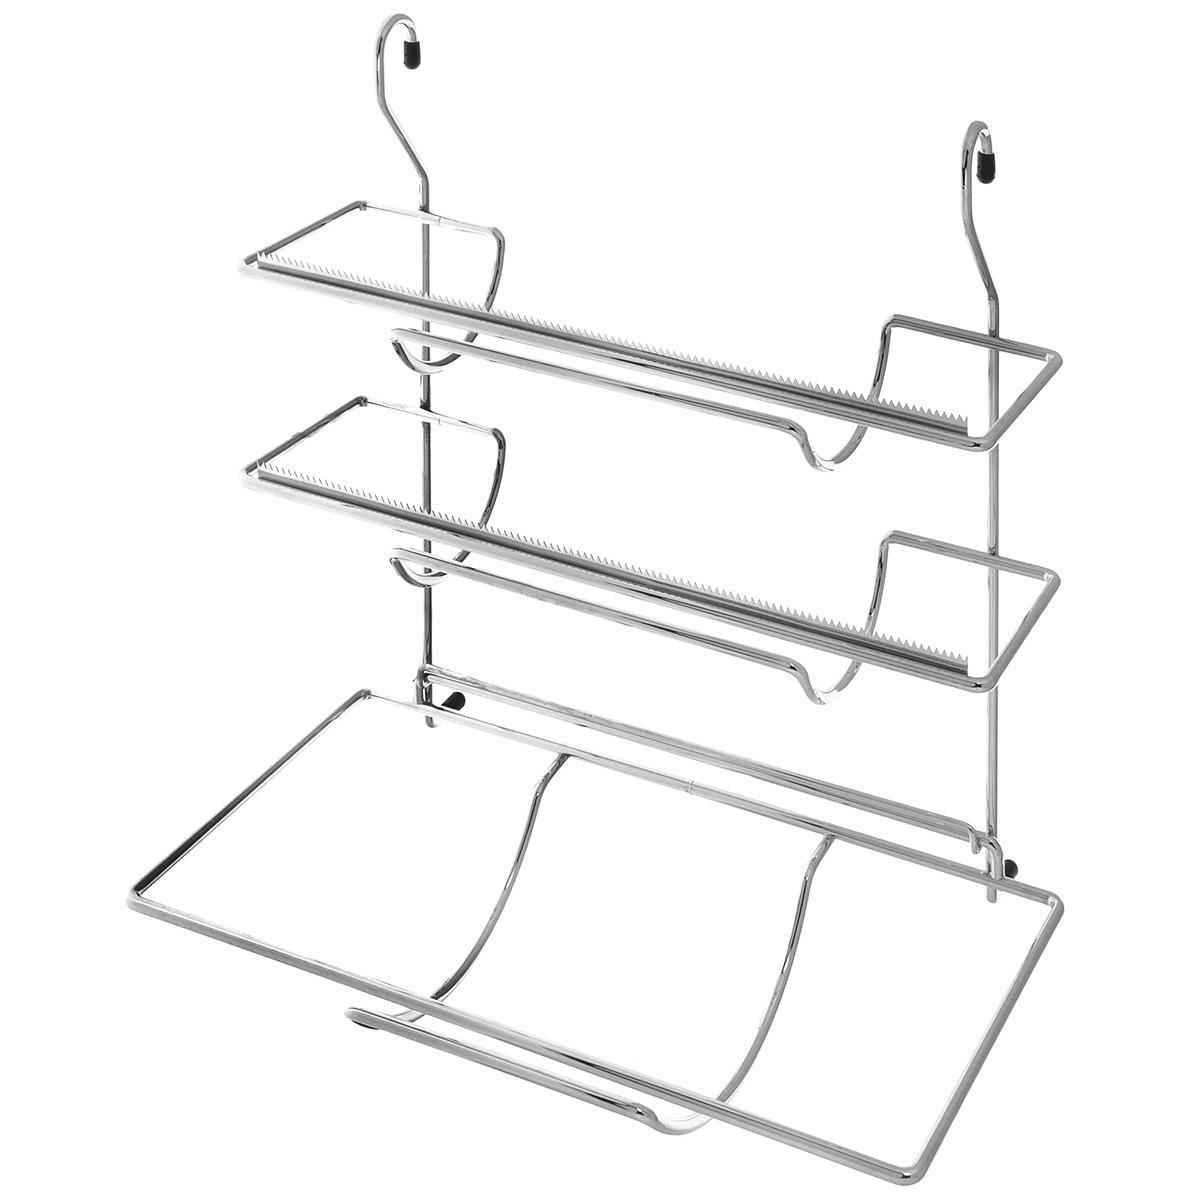 Держатель для фольги и бумажных полотенец Tescoma Monti, навесной, 33 смFA-5125 WhiteНавесной держатель для фольги и бумажных полотенец Tescoma выполнен из прочного металла с хромированным покрытием. Он устойчив к механическим повреждениям и пару, легко моется. Держатель снабжен тремя планками для хранения всех обычных видов фольги, продуктовой пленки и бумажных полотенец в рулонах. Такой держатель отлично подойдет к интерьеру вашей кухни. Подвешивается на рейлинг.